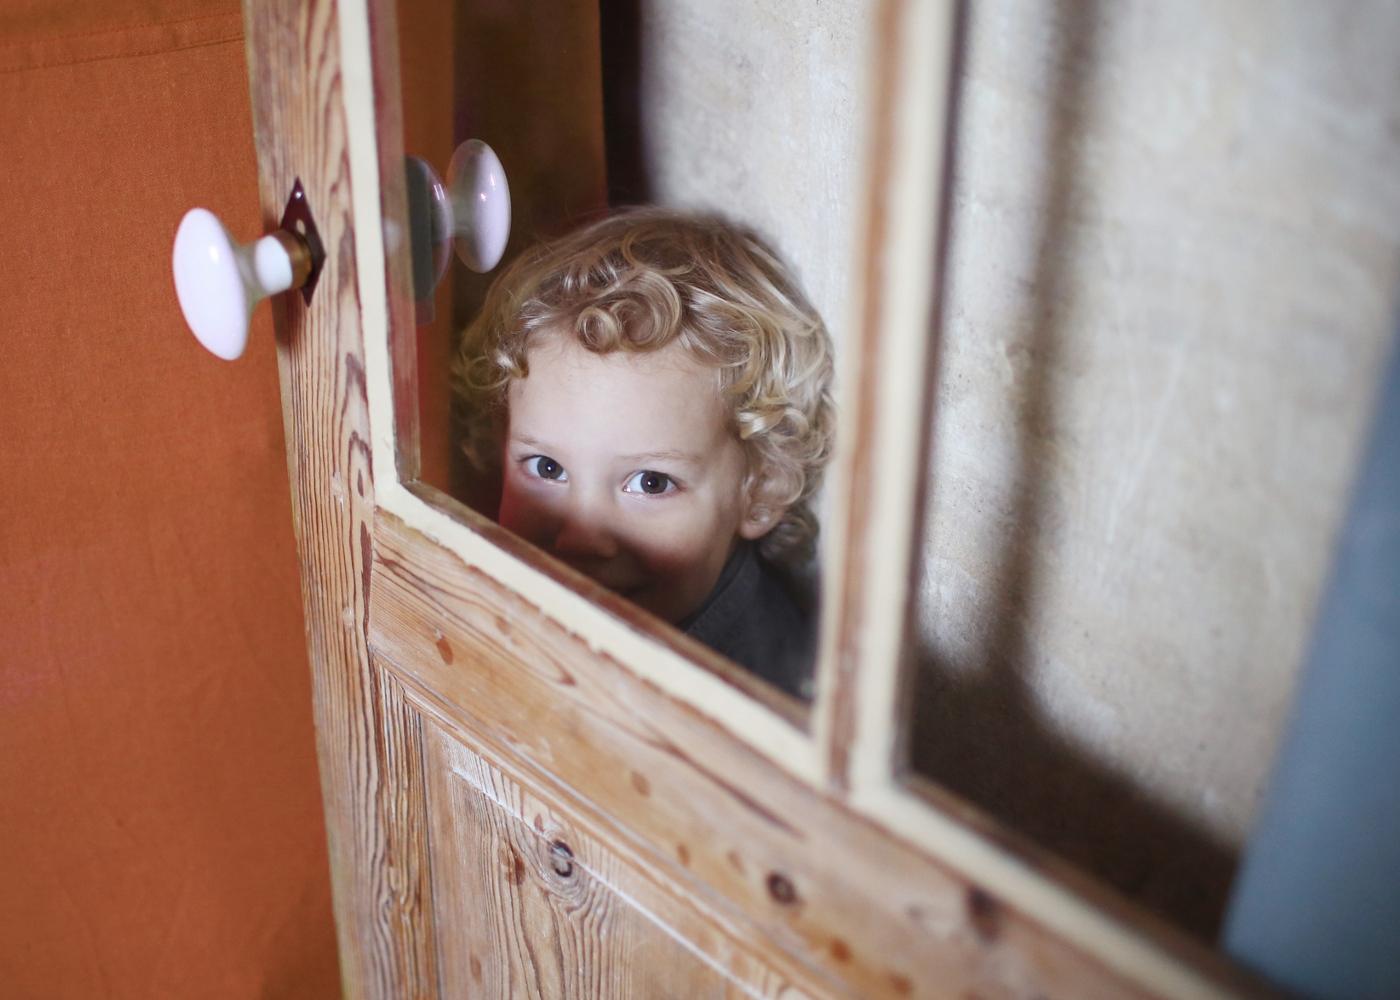 Enurese noturna: menino envergonhado a esconder-se atrás da porta